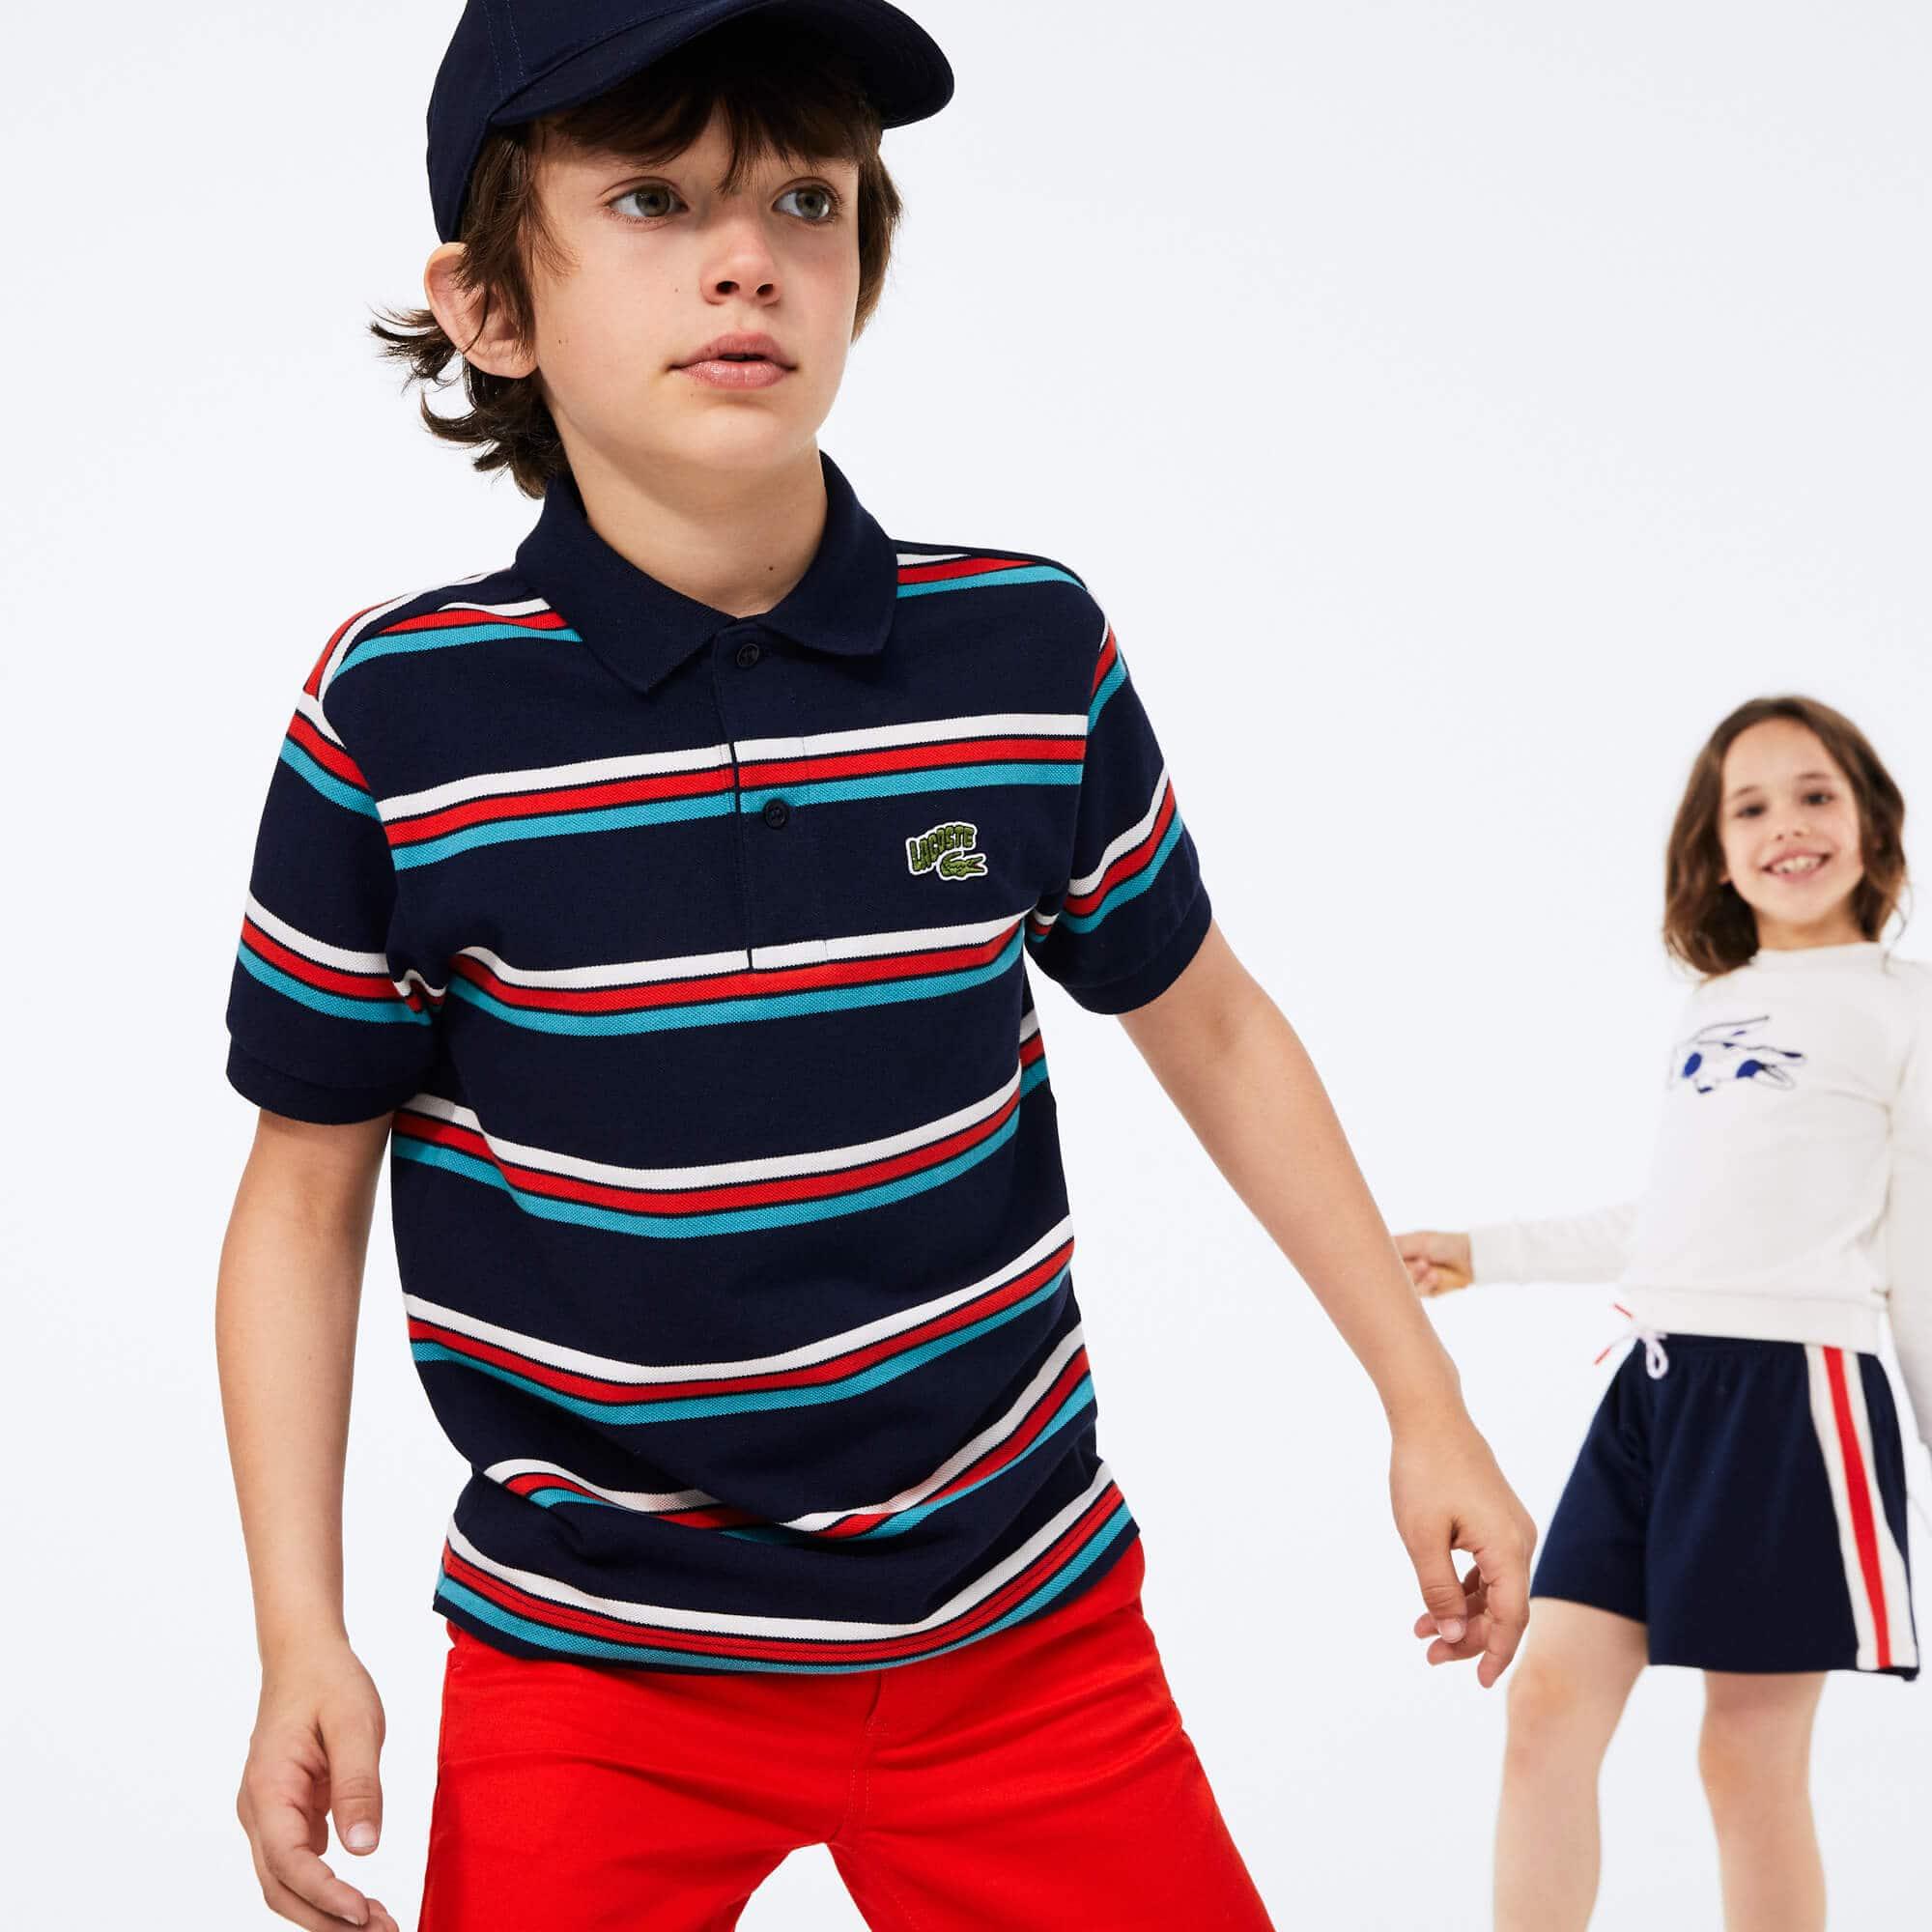 라코스테 보이즈 로고 스트라이프 폴로 Lacoste Boys' Embroidered Logo Striped Polo